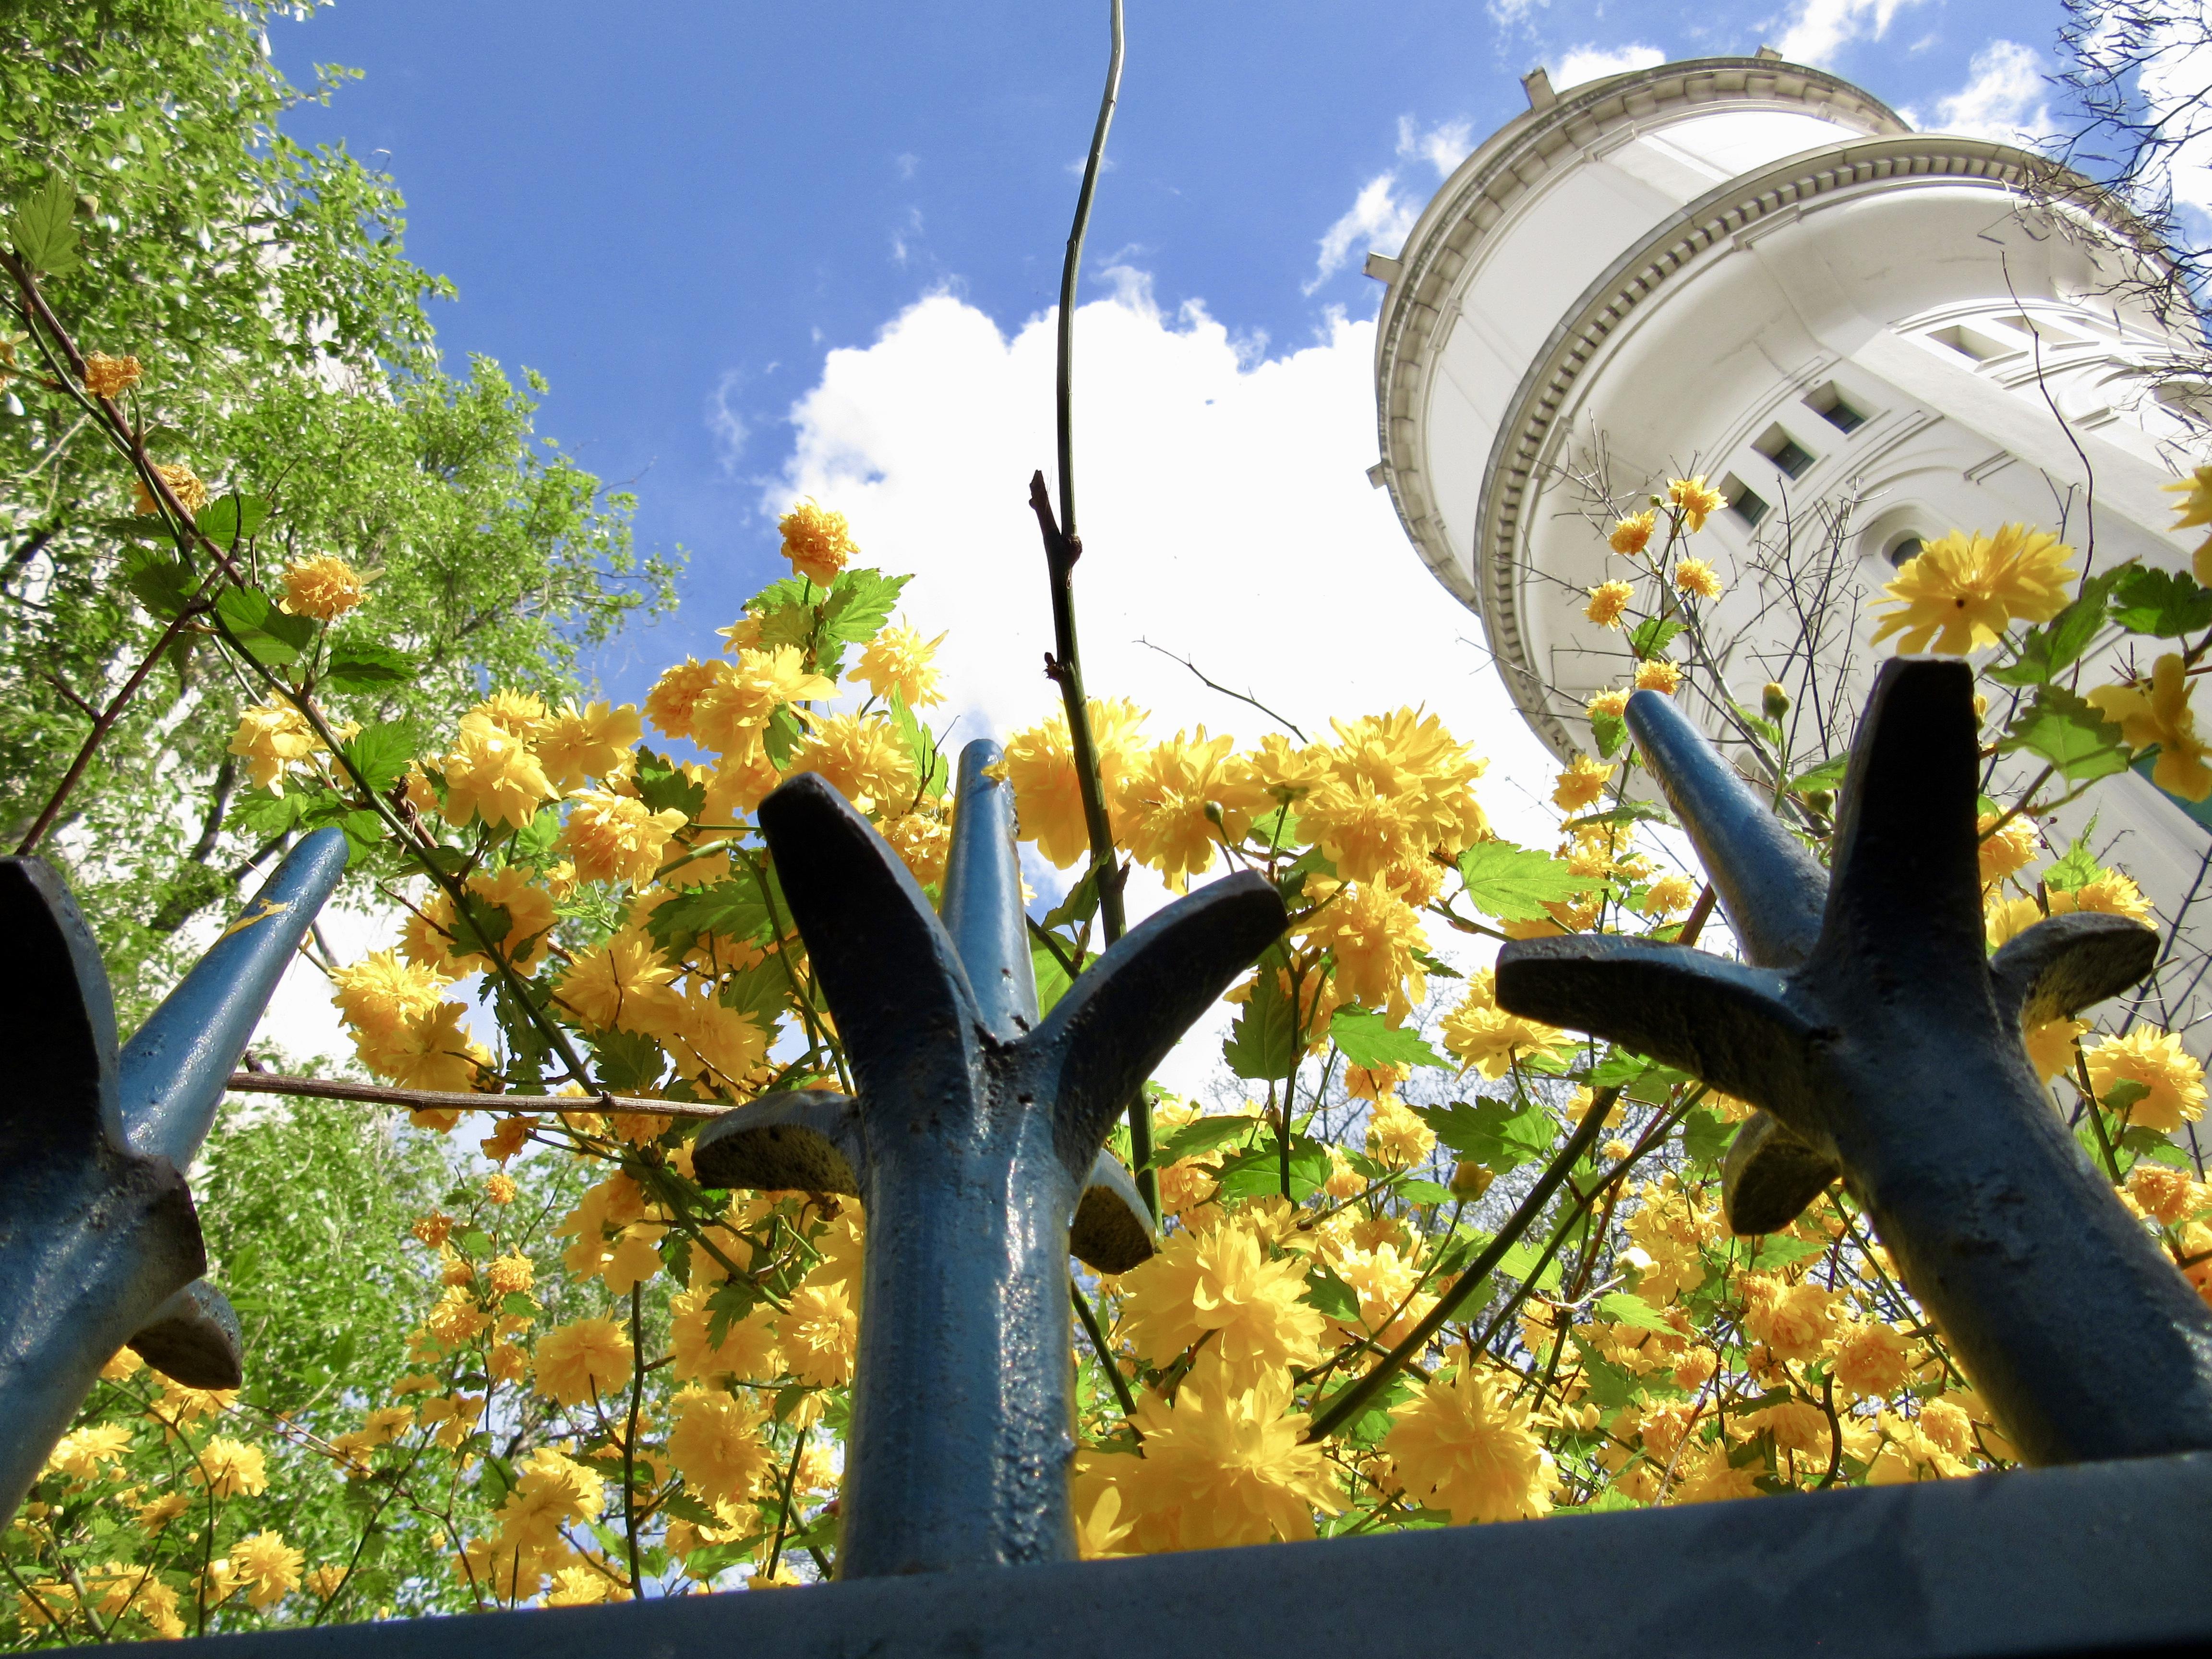 Photo: Looking Up in Montmartre